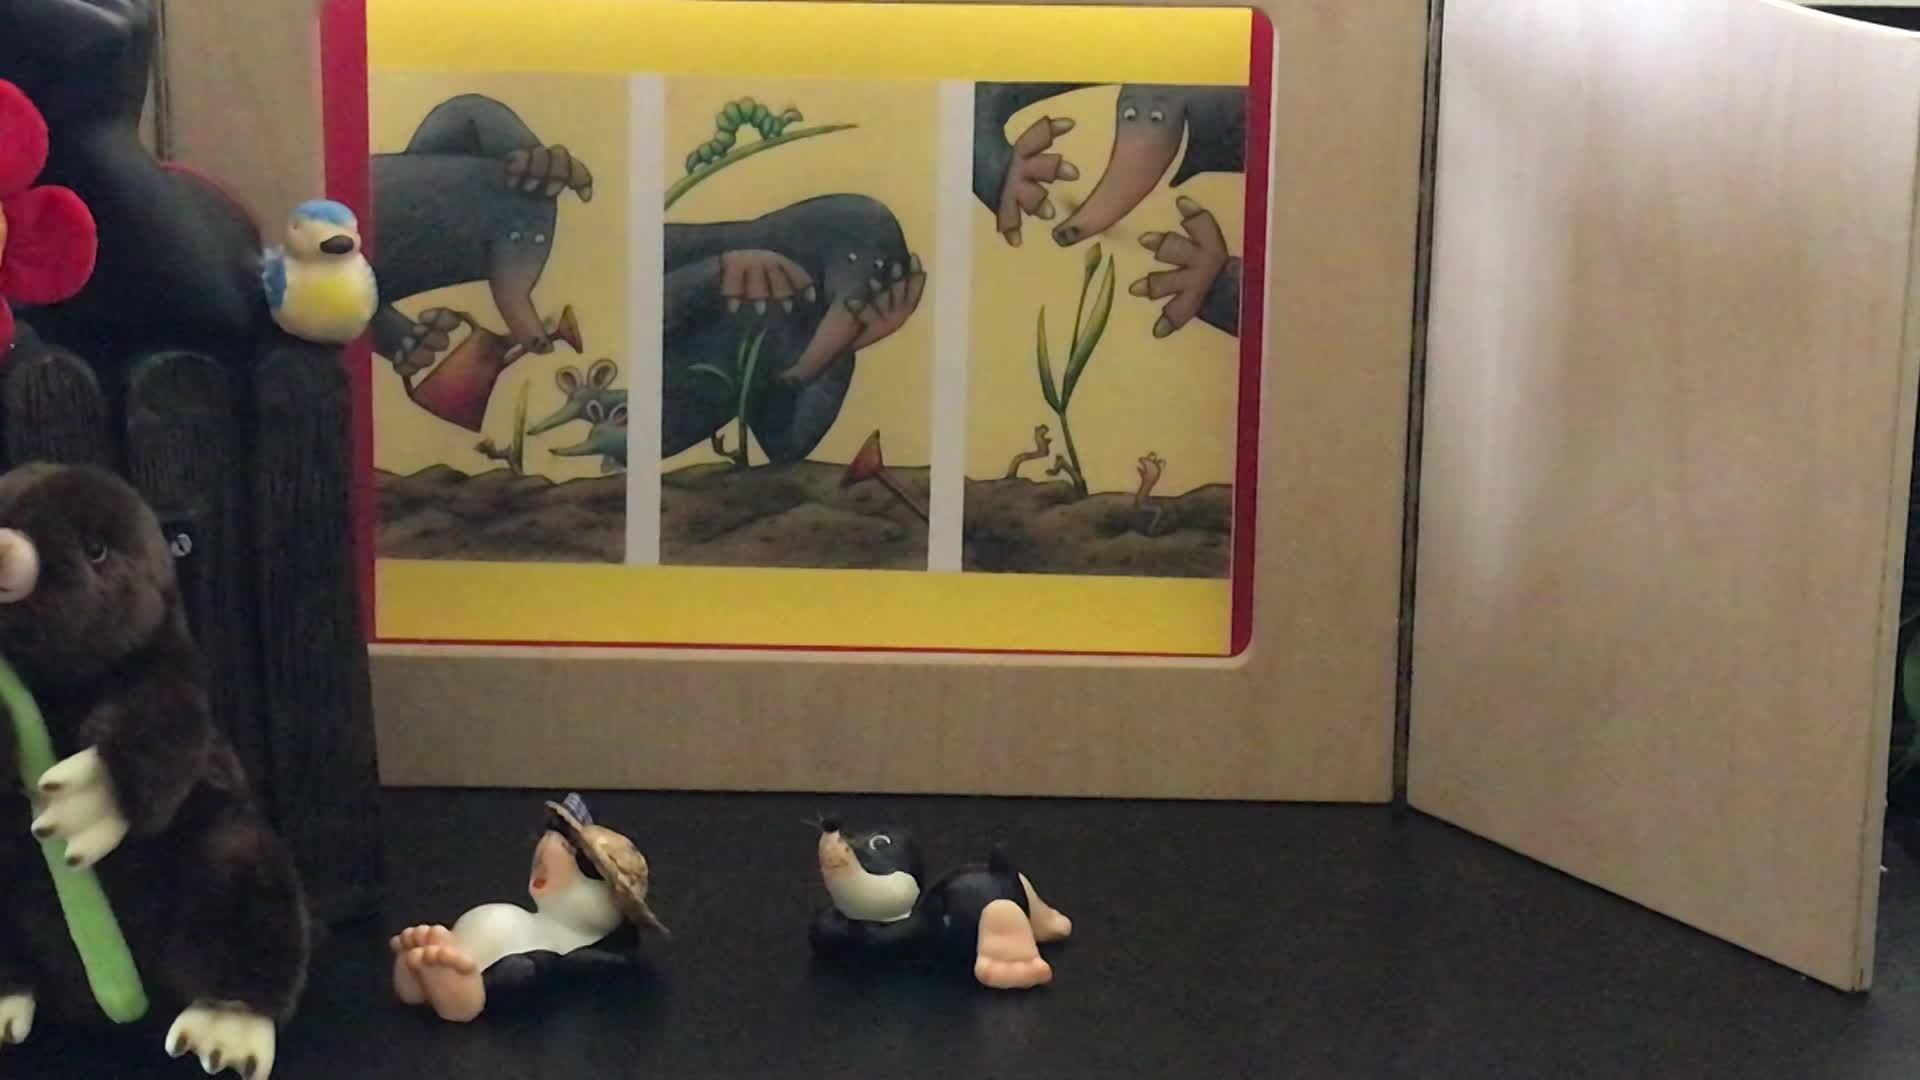 »De Maulef an d'Blimmchen« (vu 4 Joer un) vum Tanja Brück & Dorota Wünsch (Editions Binsfeld)